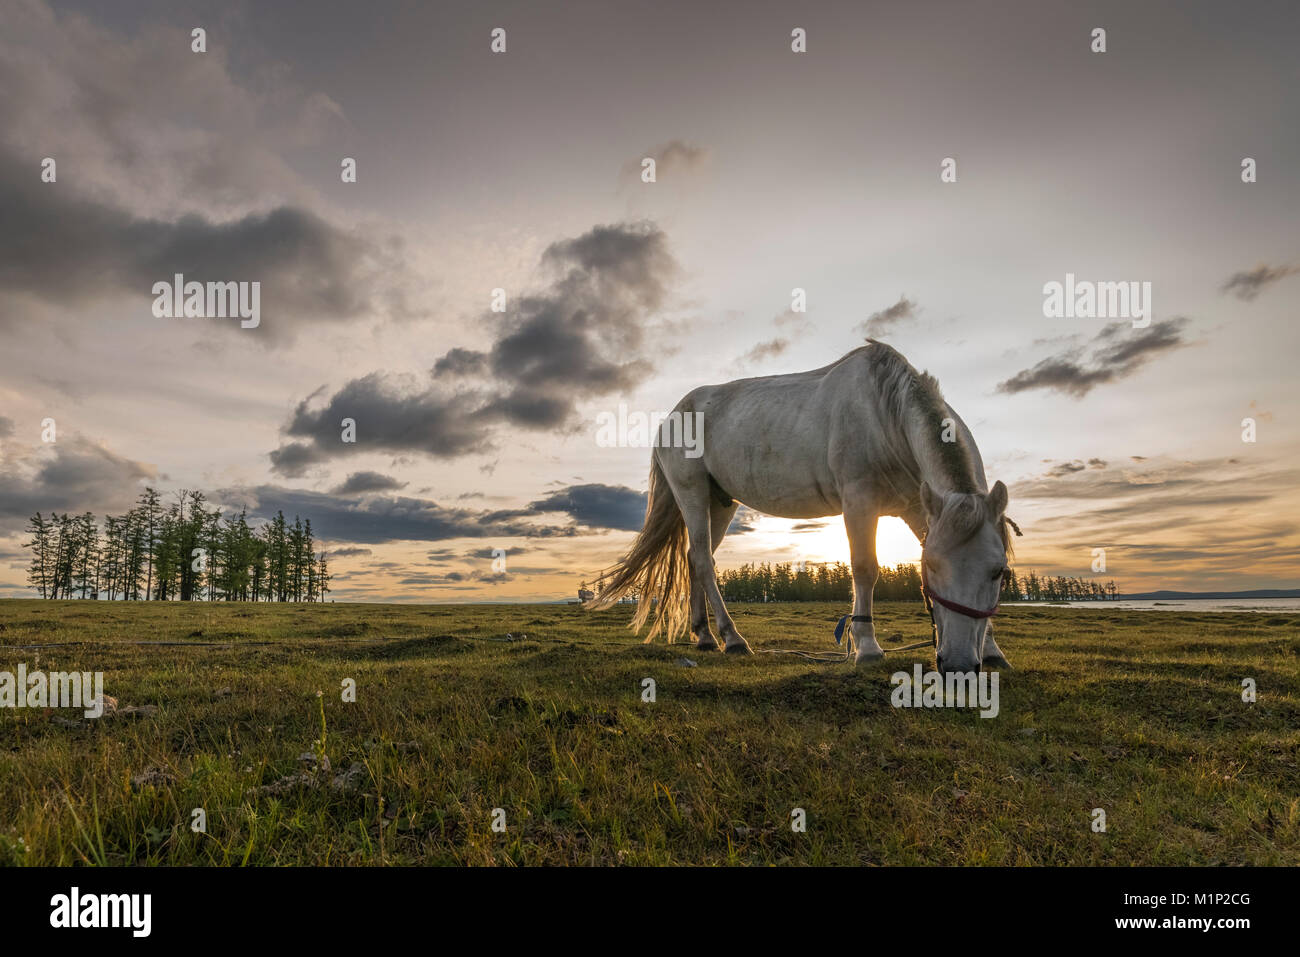 Cavallo al pascolo sulle rive del lago Hovsgol al tramonto, Hovsgol provincia, Mongolia, Asia Centrale, Asia Foto Stock